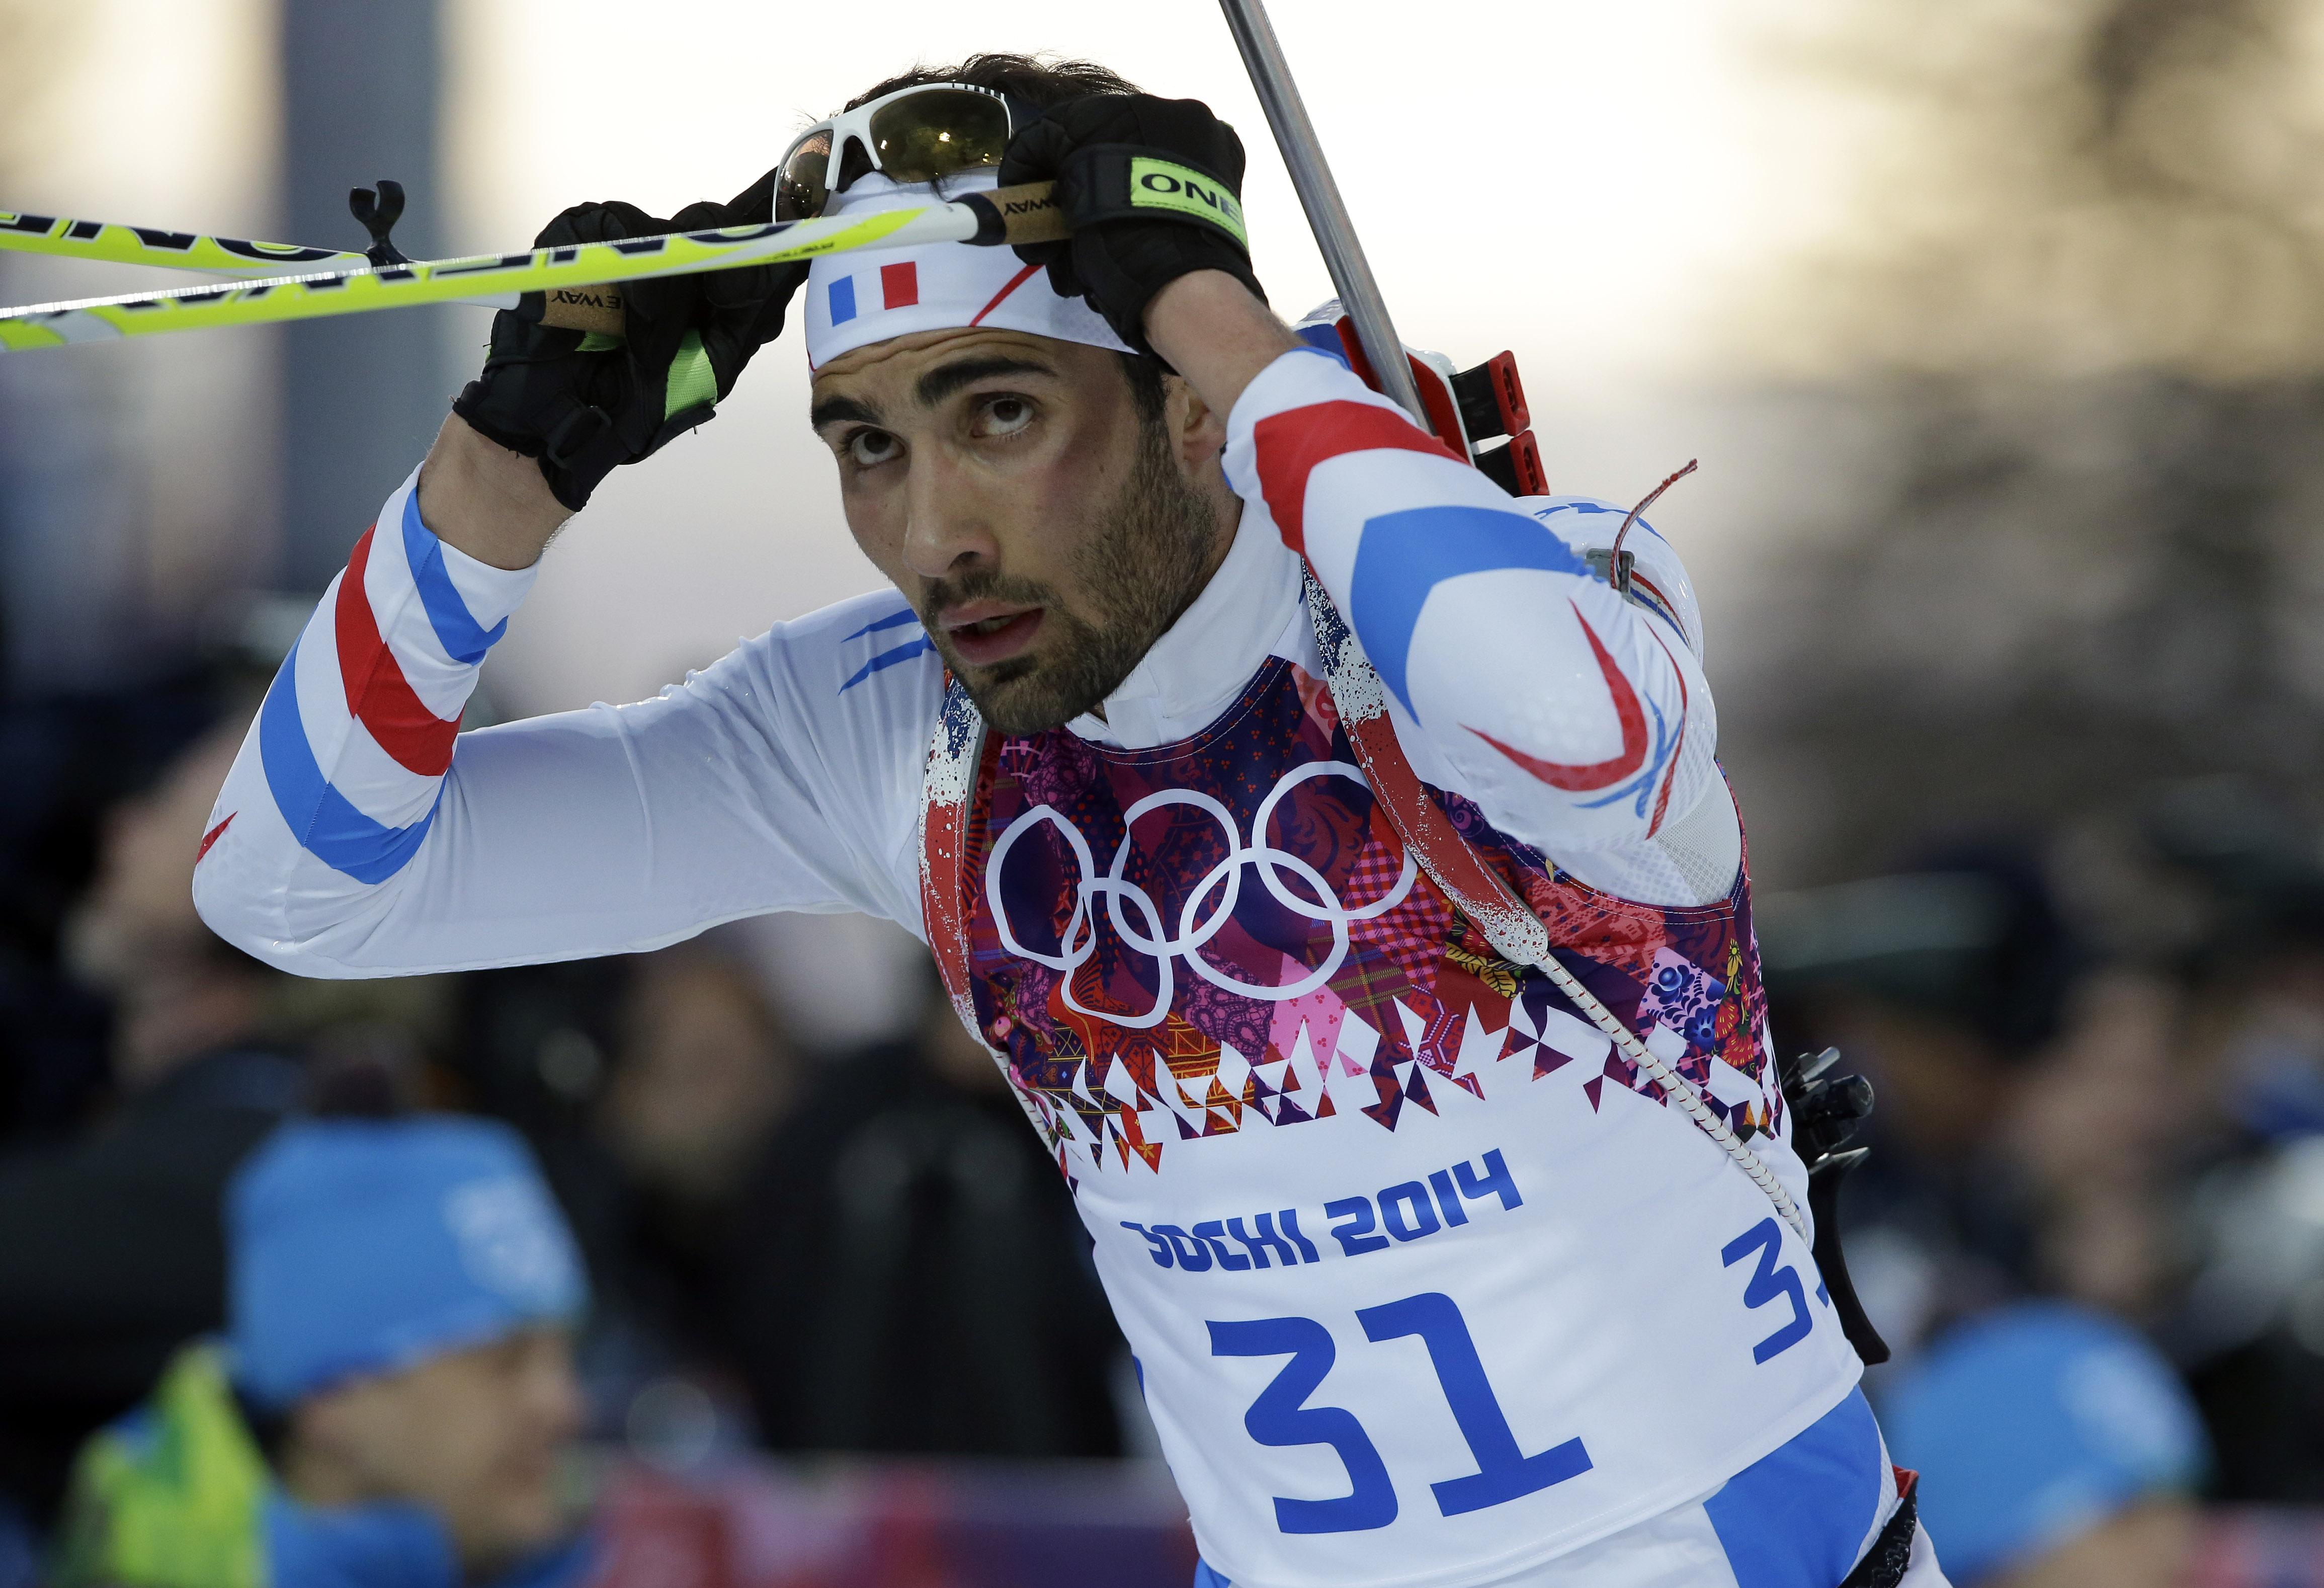 Мартен Фуркад выиграл индивидуальную гонку